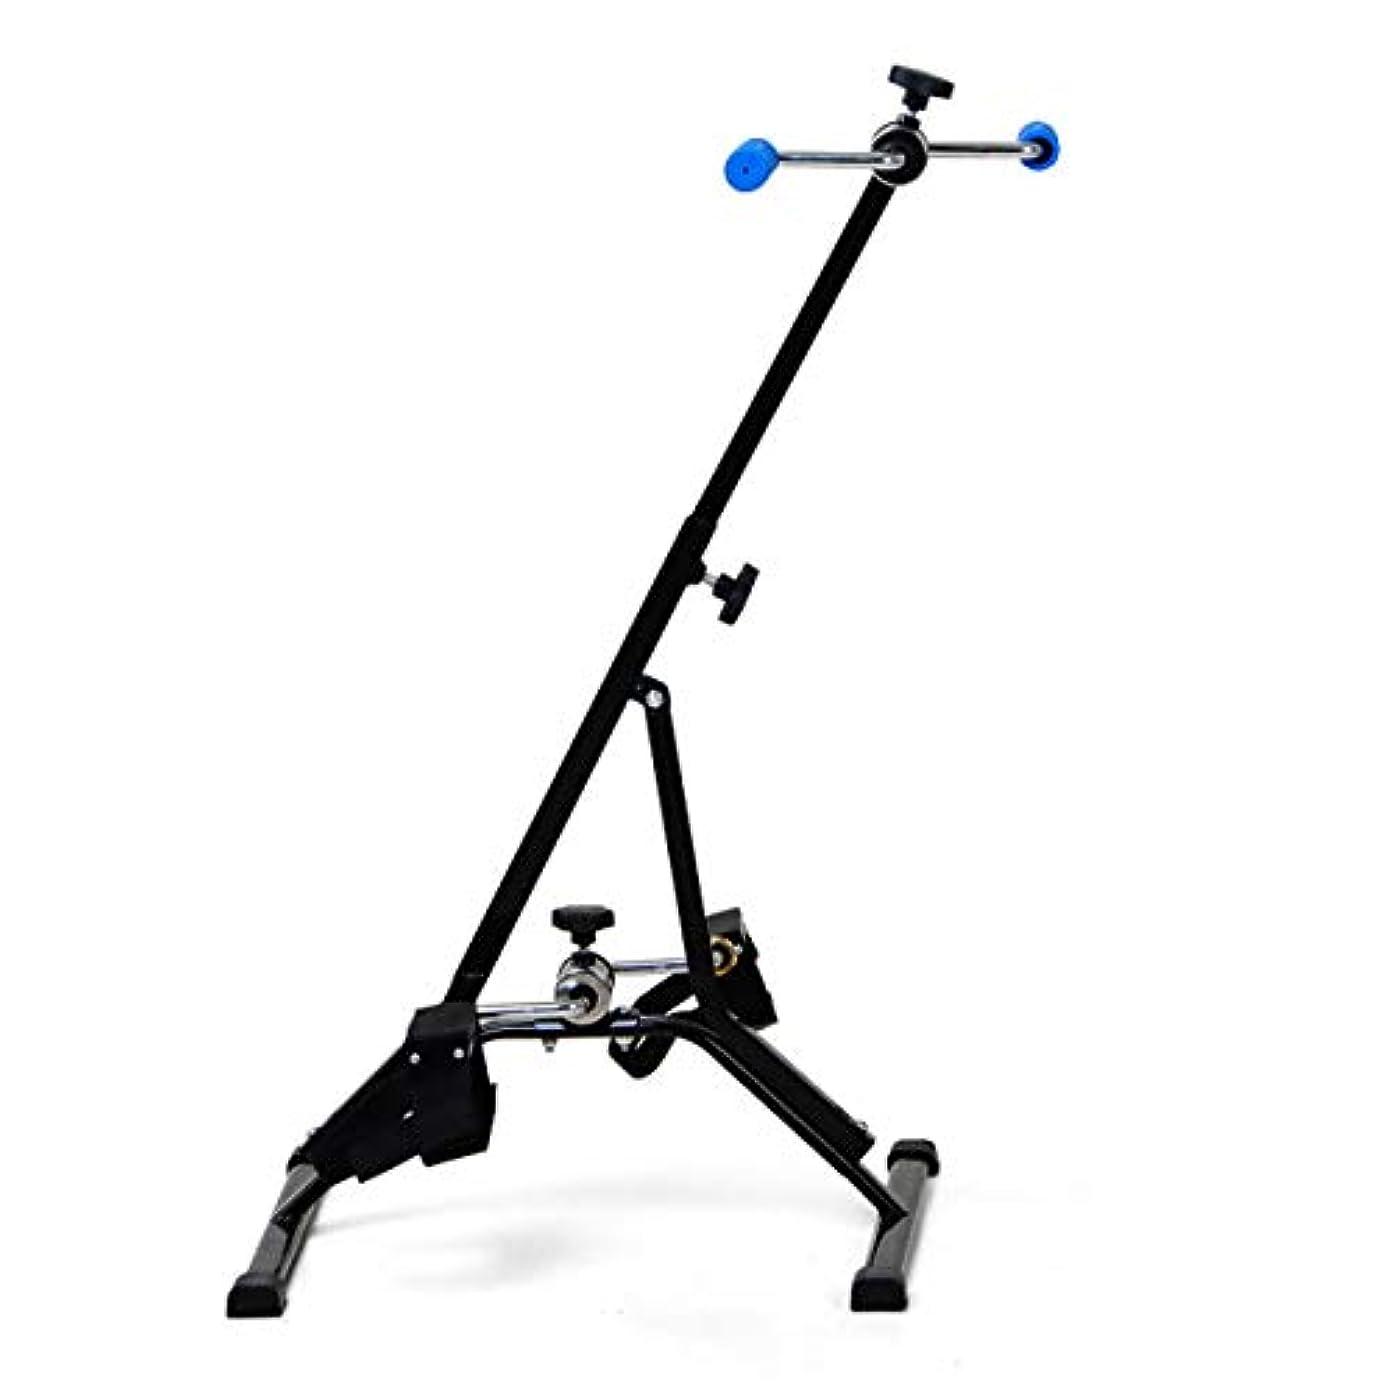 アームストロング電話サイズリハビリテーション用トレーニングバイク、障害のある高齢者のリハビリテーションのためのトレーニングツール、レッグアームペダルエクササイザー、運動器具,A